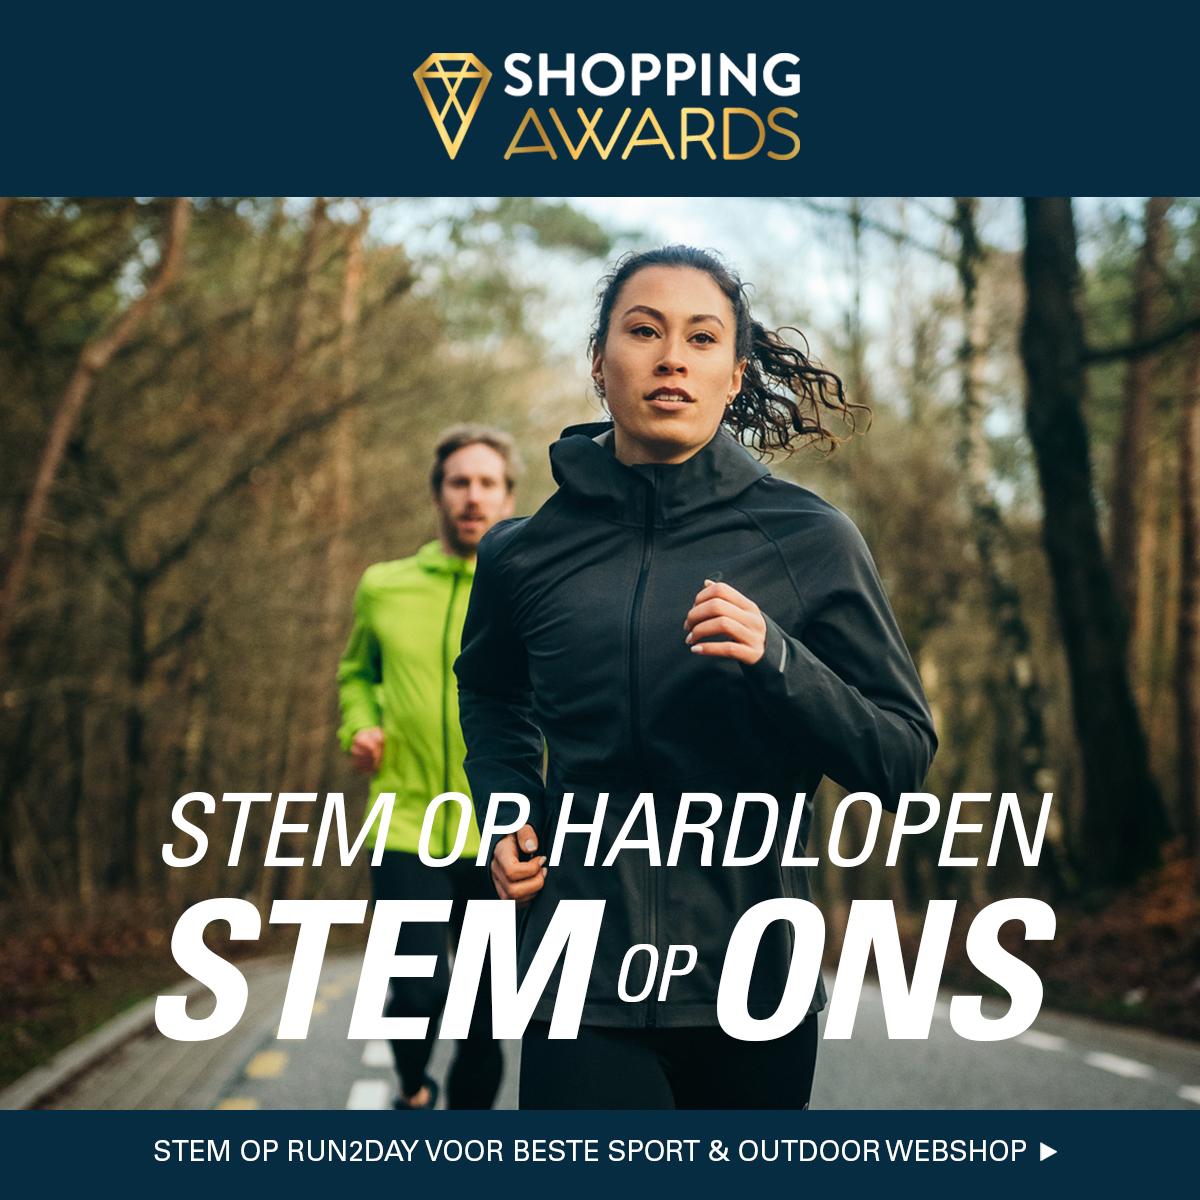 Stem op hardlopen. Stem op Run2Day